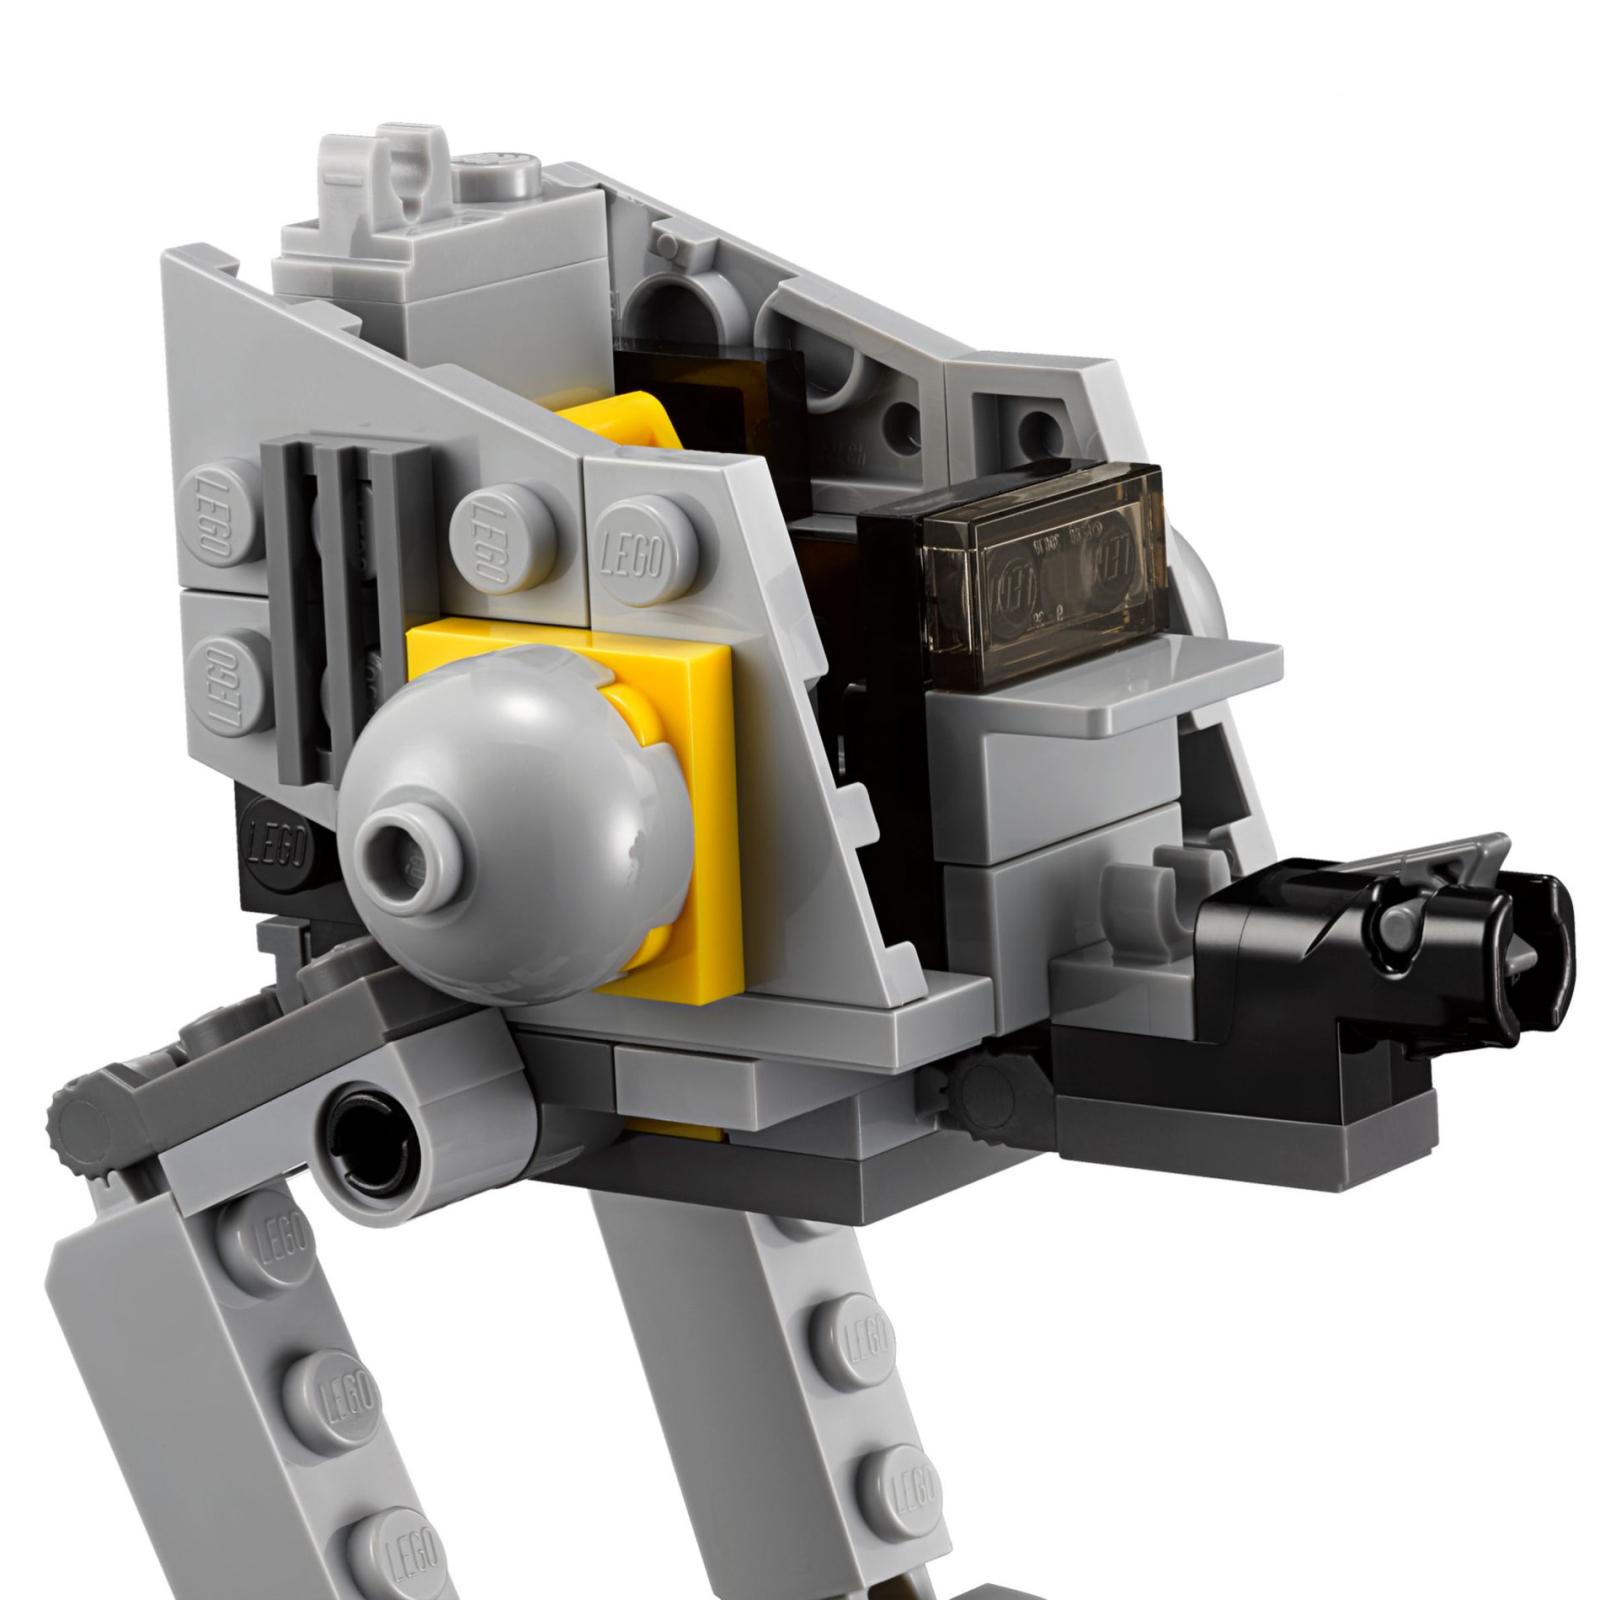 Конструктор LEGO Star Wars Вездеходная оборонительная платформа AT-DP (75130) изображение 5